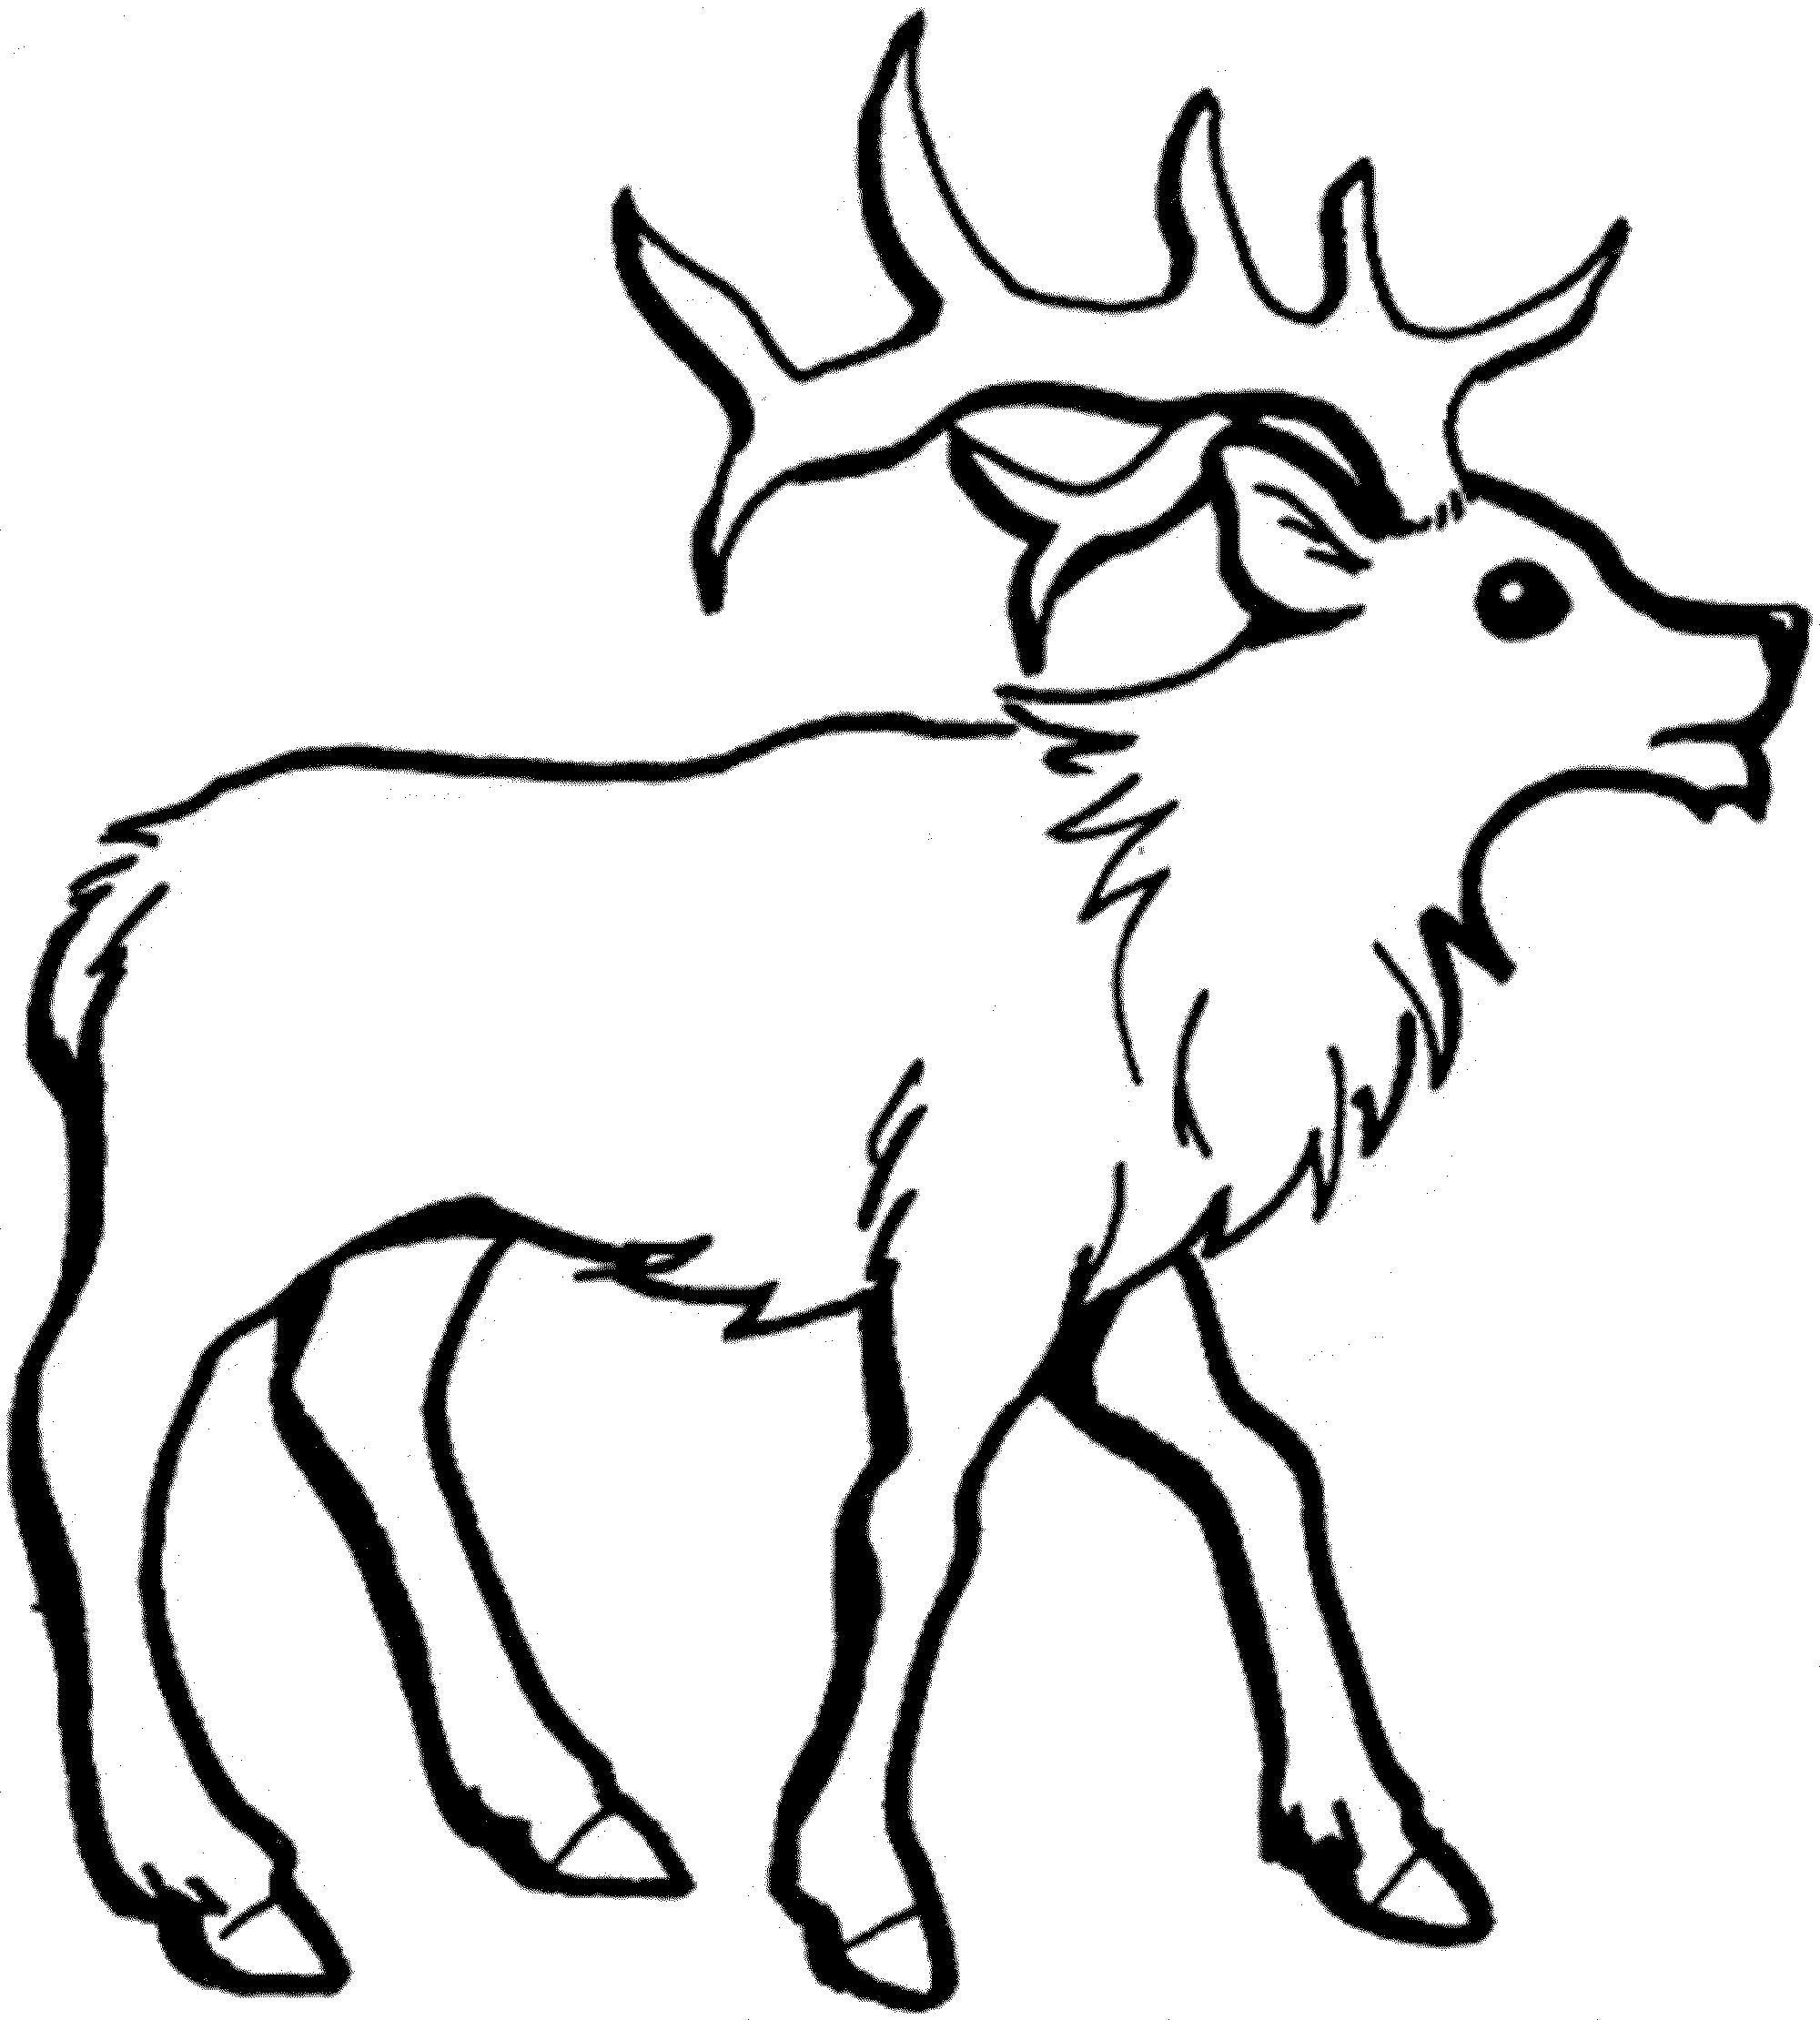 Reindeer Antlers Drawing at GetDrawings | Free download